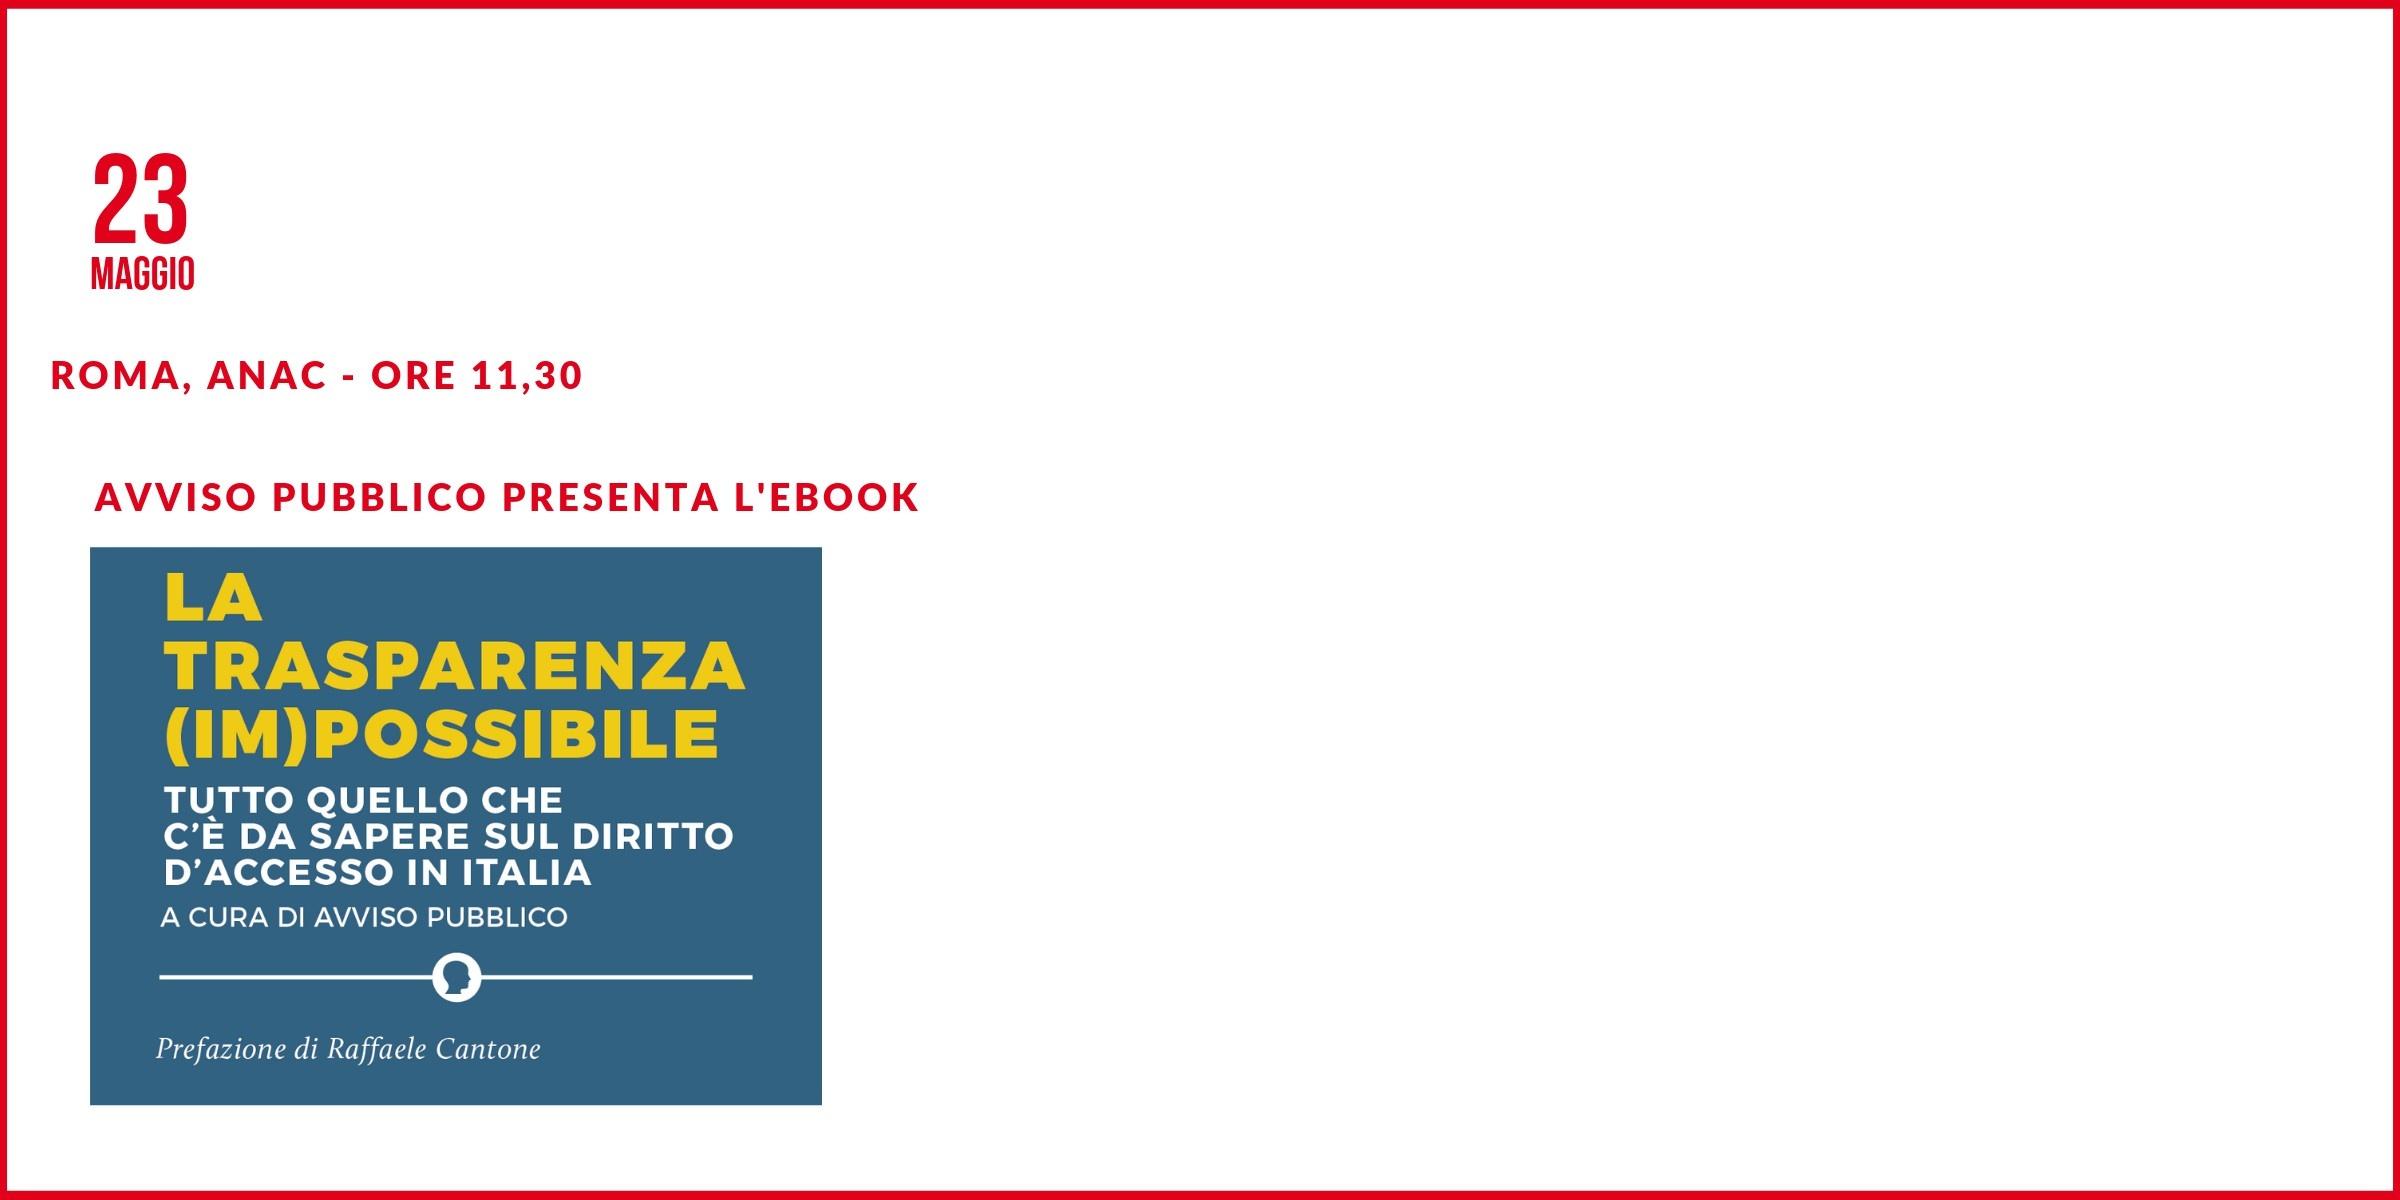 """""""La trasparenza (im)possibile"""": il 23 maggio a Roma, con Raffaele Cantone, la presentazione dell'ebook di Avviso Pubblico sul diritto di accesso"""